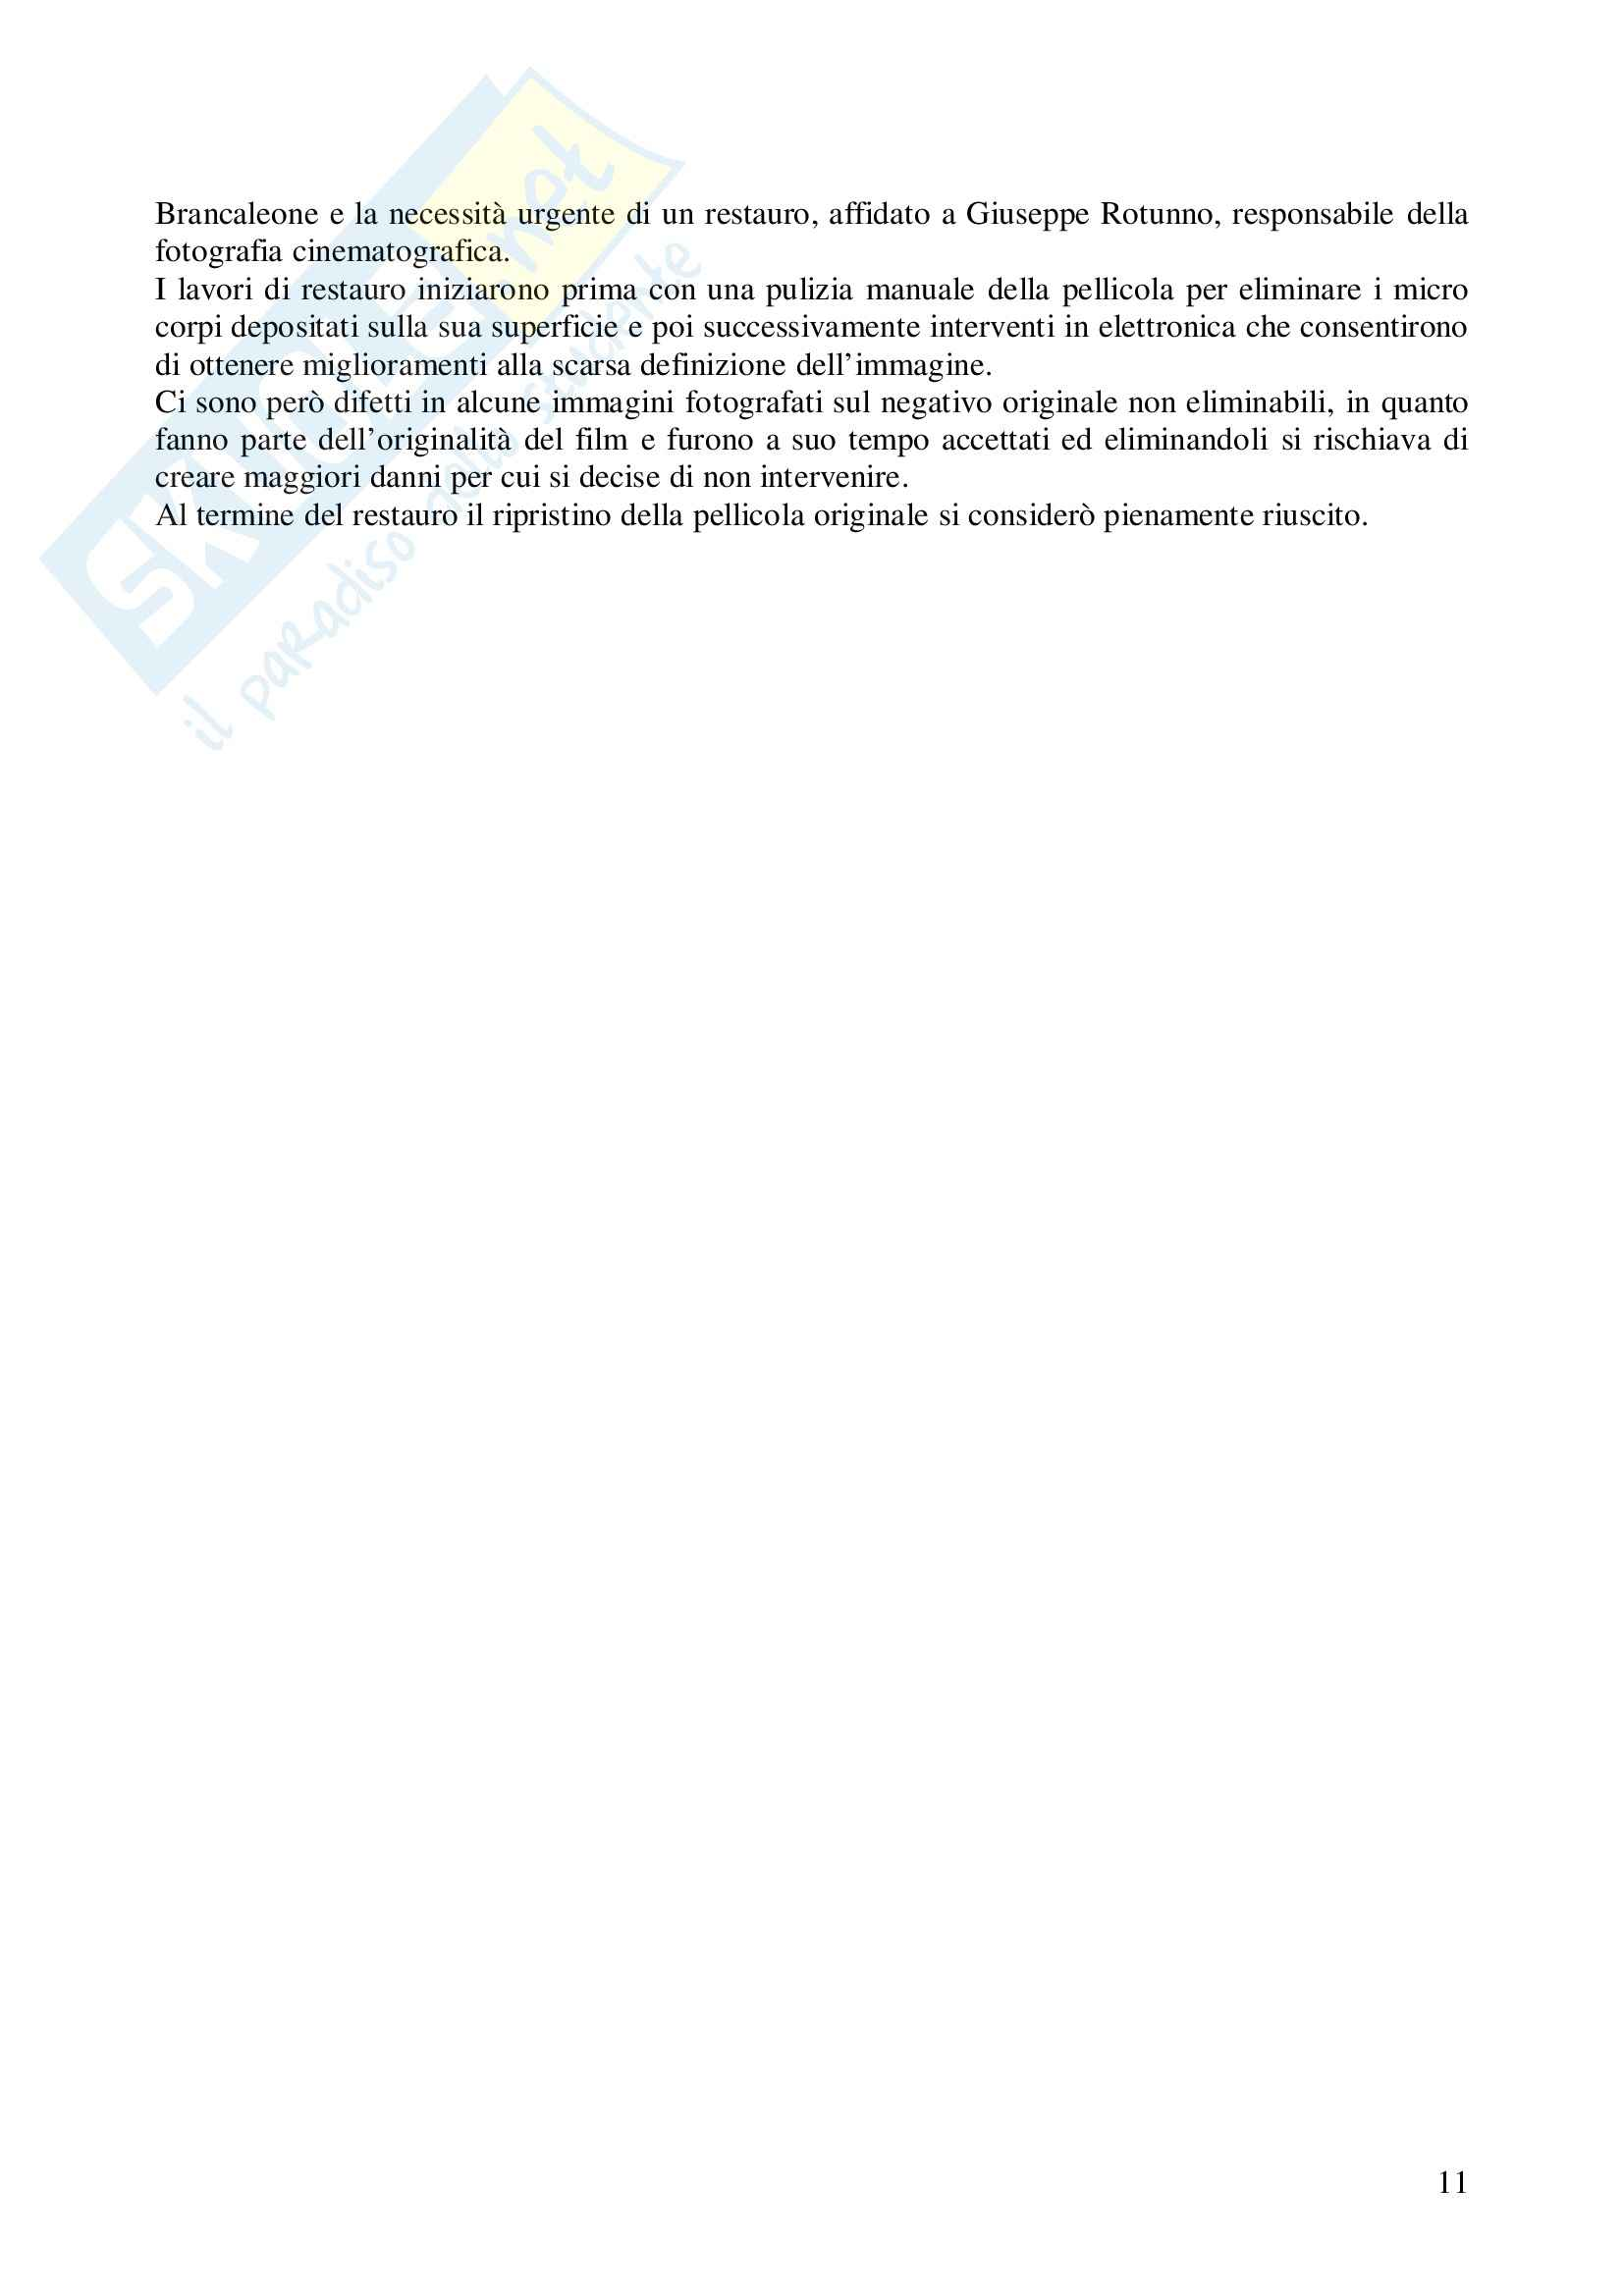 Riassunto esame Storia del Cinema Italiano, prof. indefinito, libro consigliato L'Armata Brancaleone, Della Casa Pag. 11